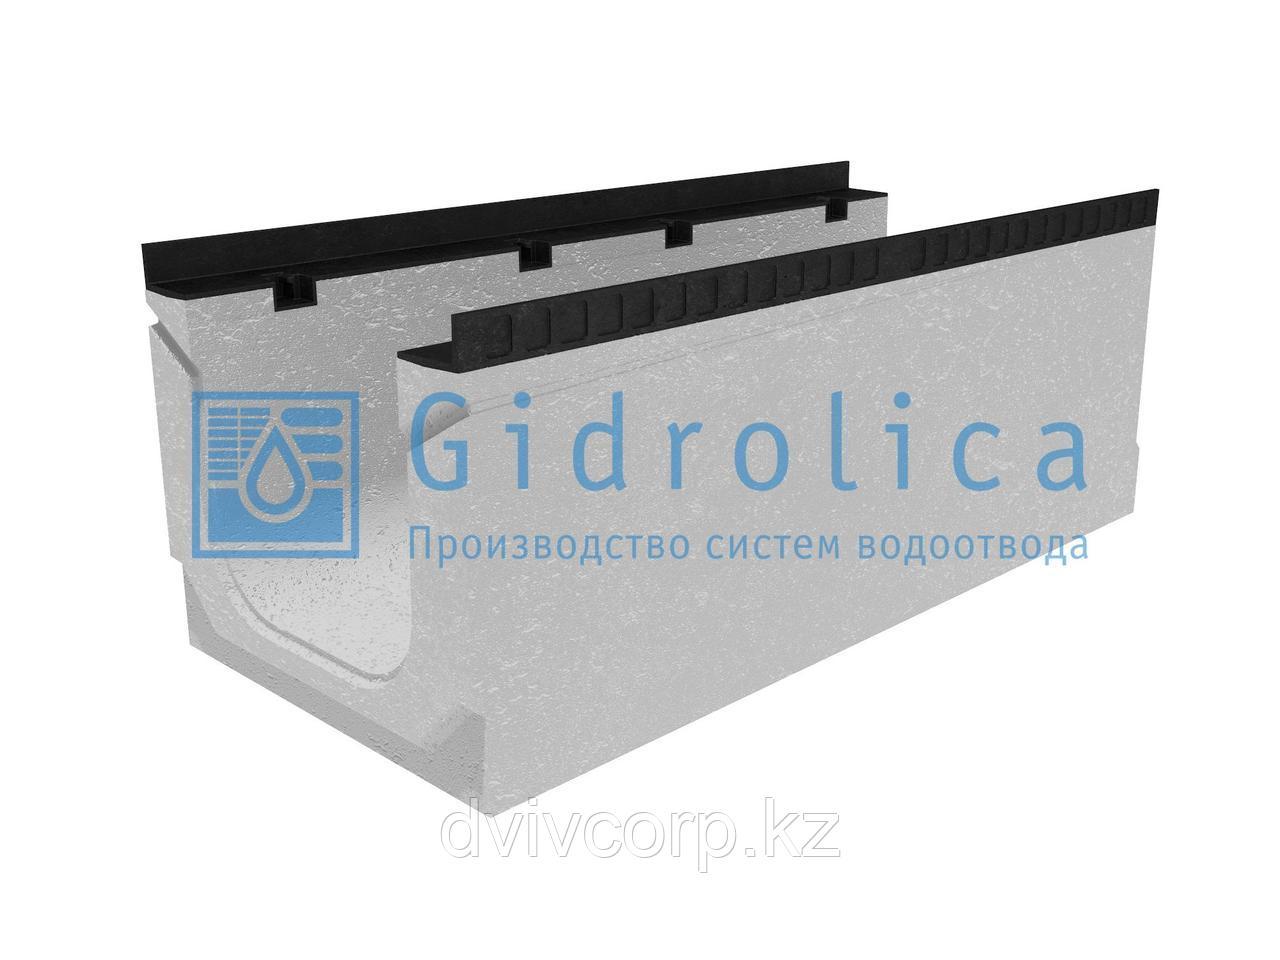 Лоток водоотводный бетонный коробчатый (СО-300мм), с уклоном 0,5%  КПу 100.44(30).40(33) - BGМ-F, № 18